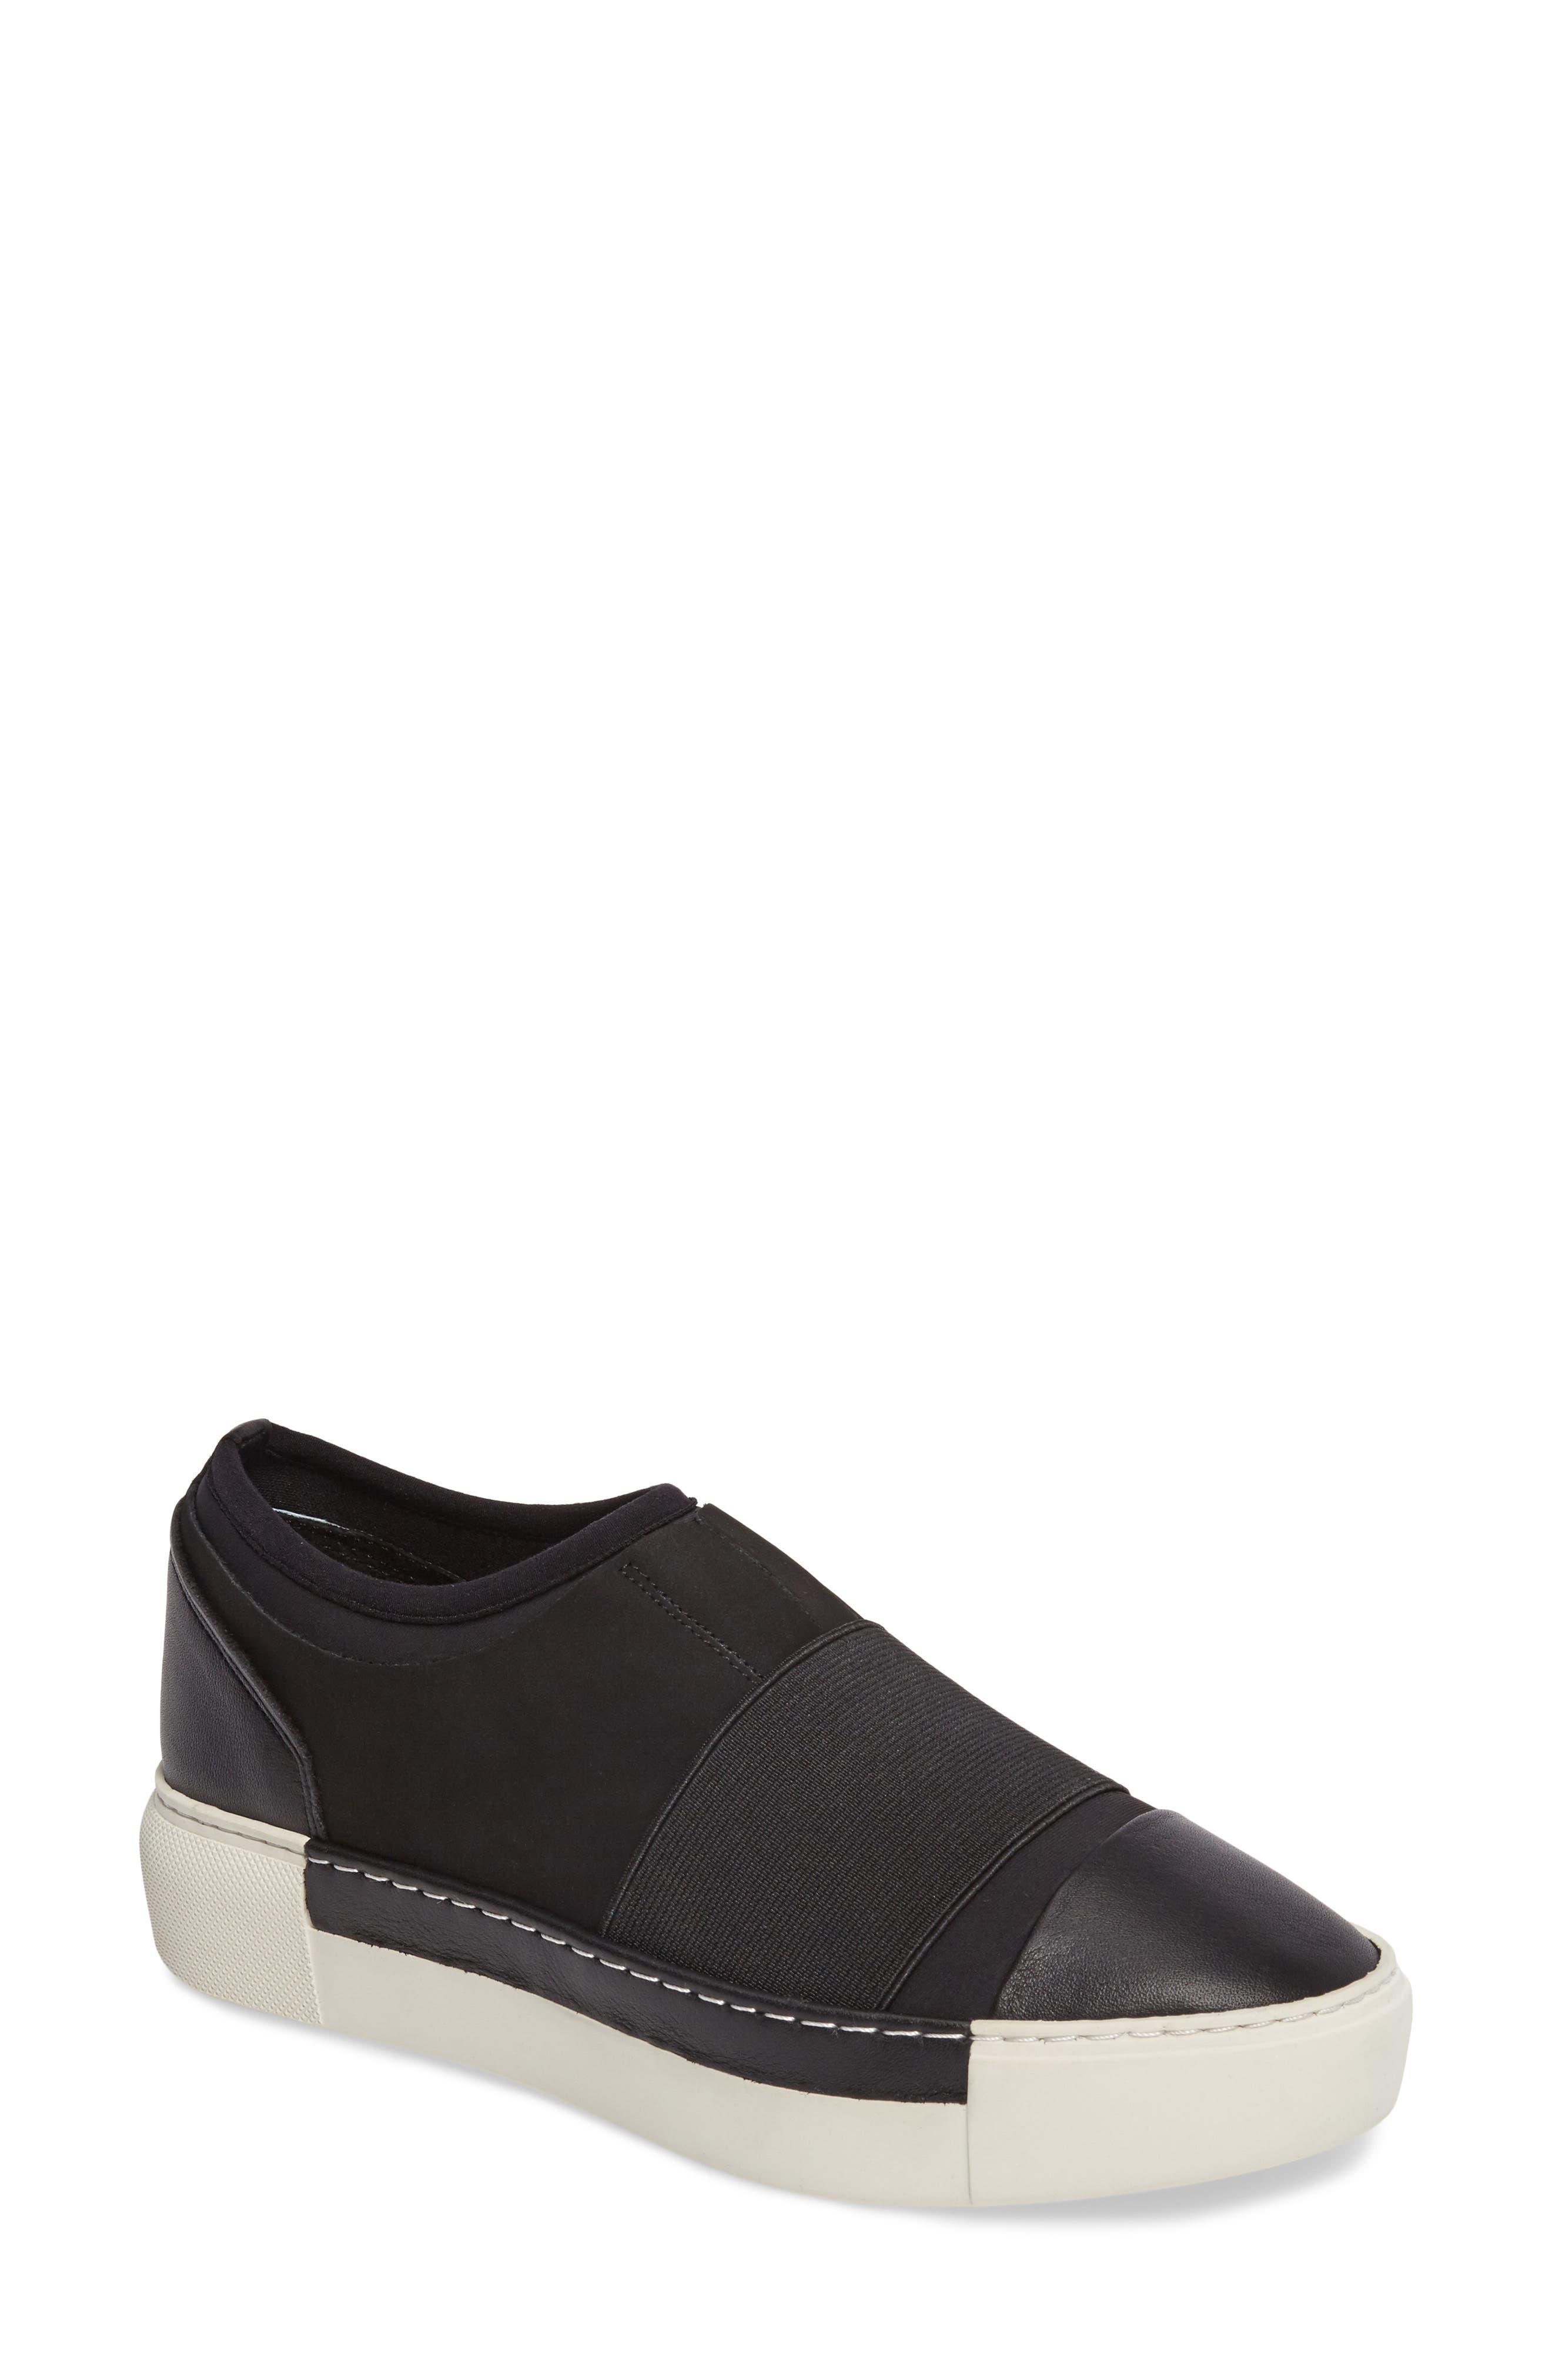 Voila Slip-On Sneaker,                             Main thumbnail 1, color,                             015